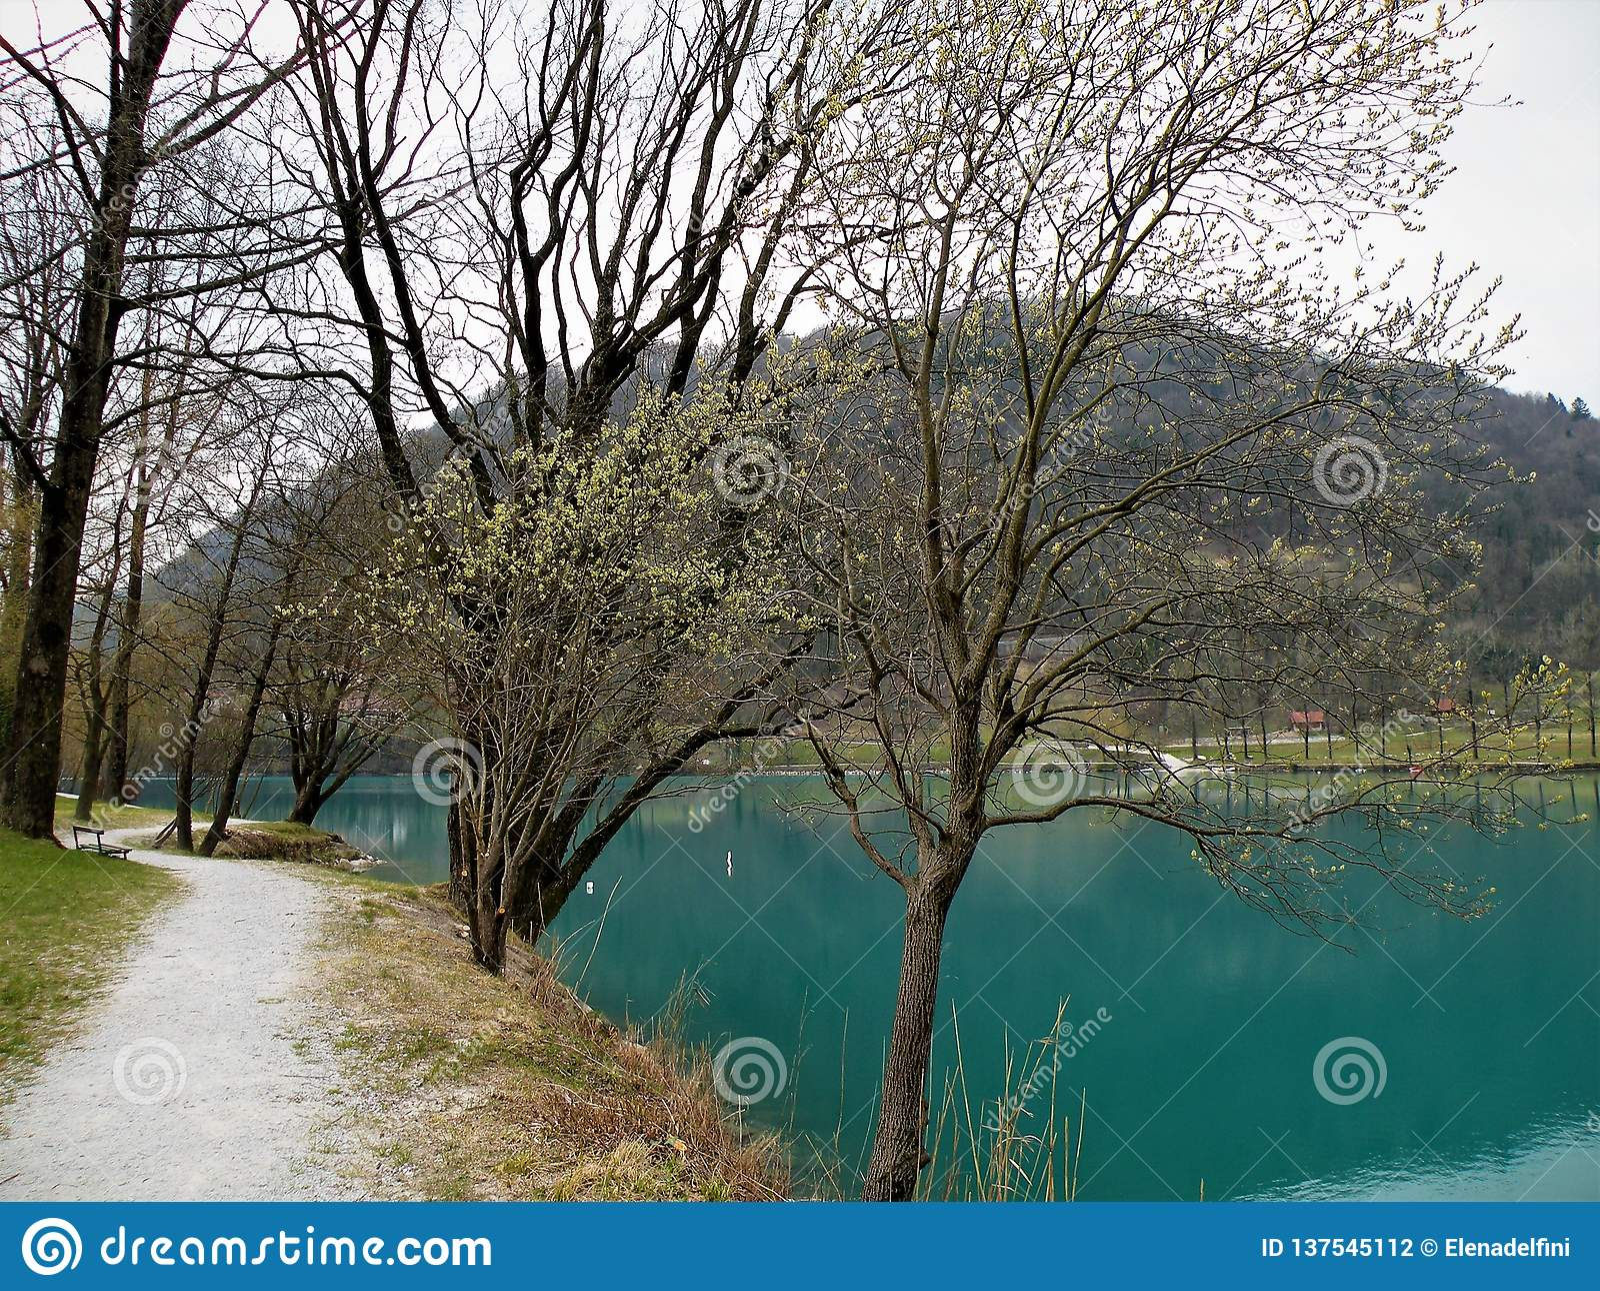 Percorso sabbioso lungo il lago con molti alberi